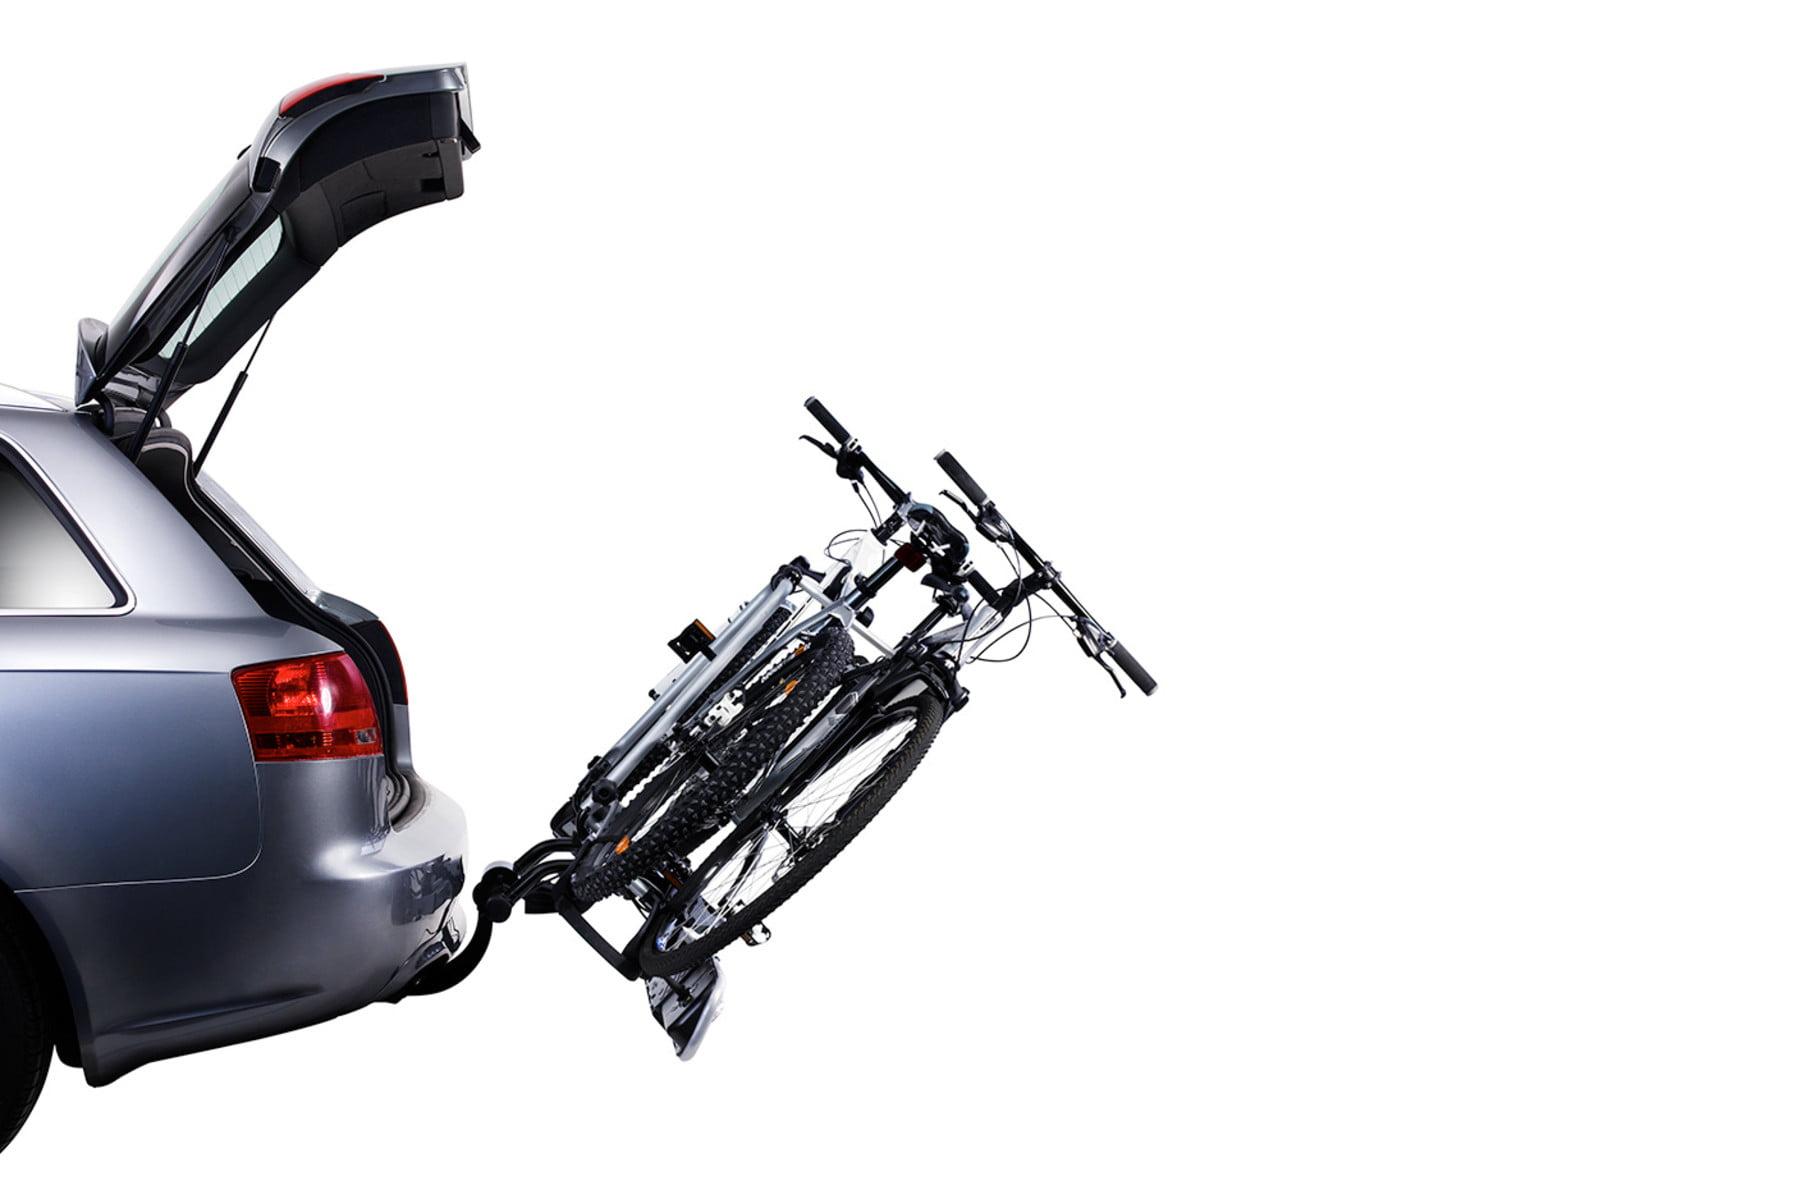 Suport biciclete Thule EuroRide 941 cu prindere pe carligul de remorcare pentru 2 biciclete 6